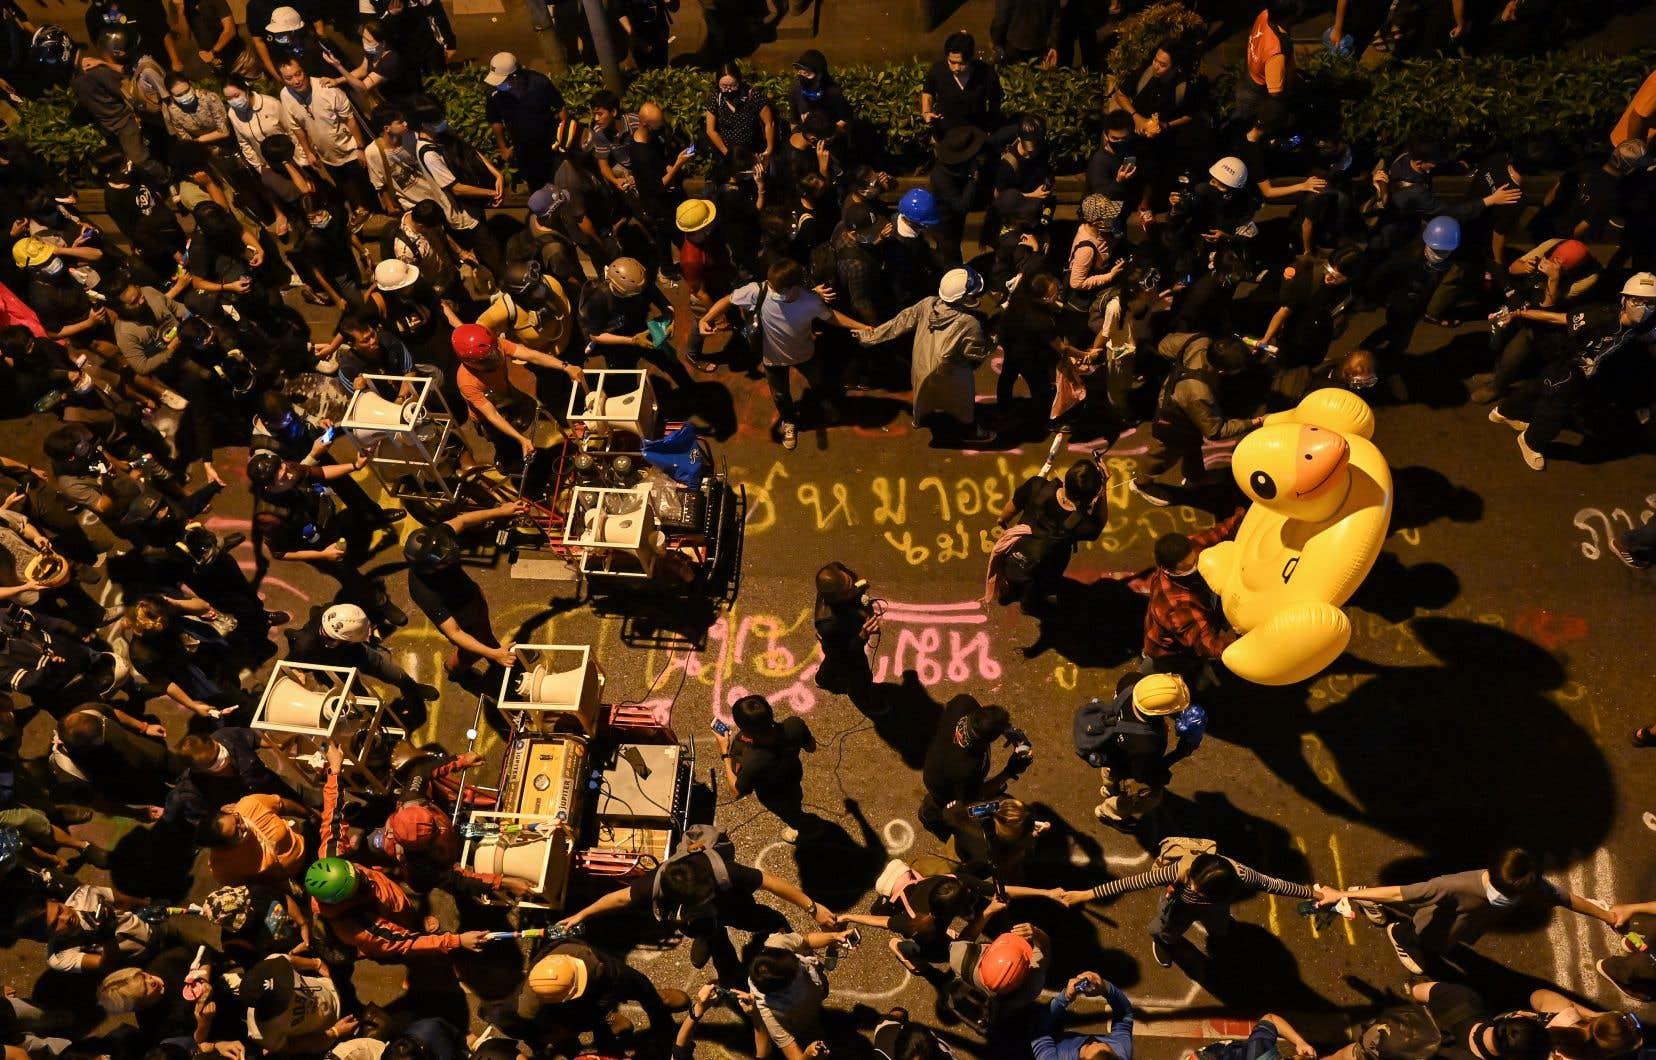 Le rassemblement a réuni quelque 20000 manifestants en début de soirée, selon une estimation de l'AFP.